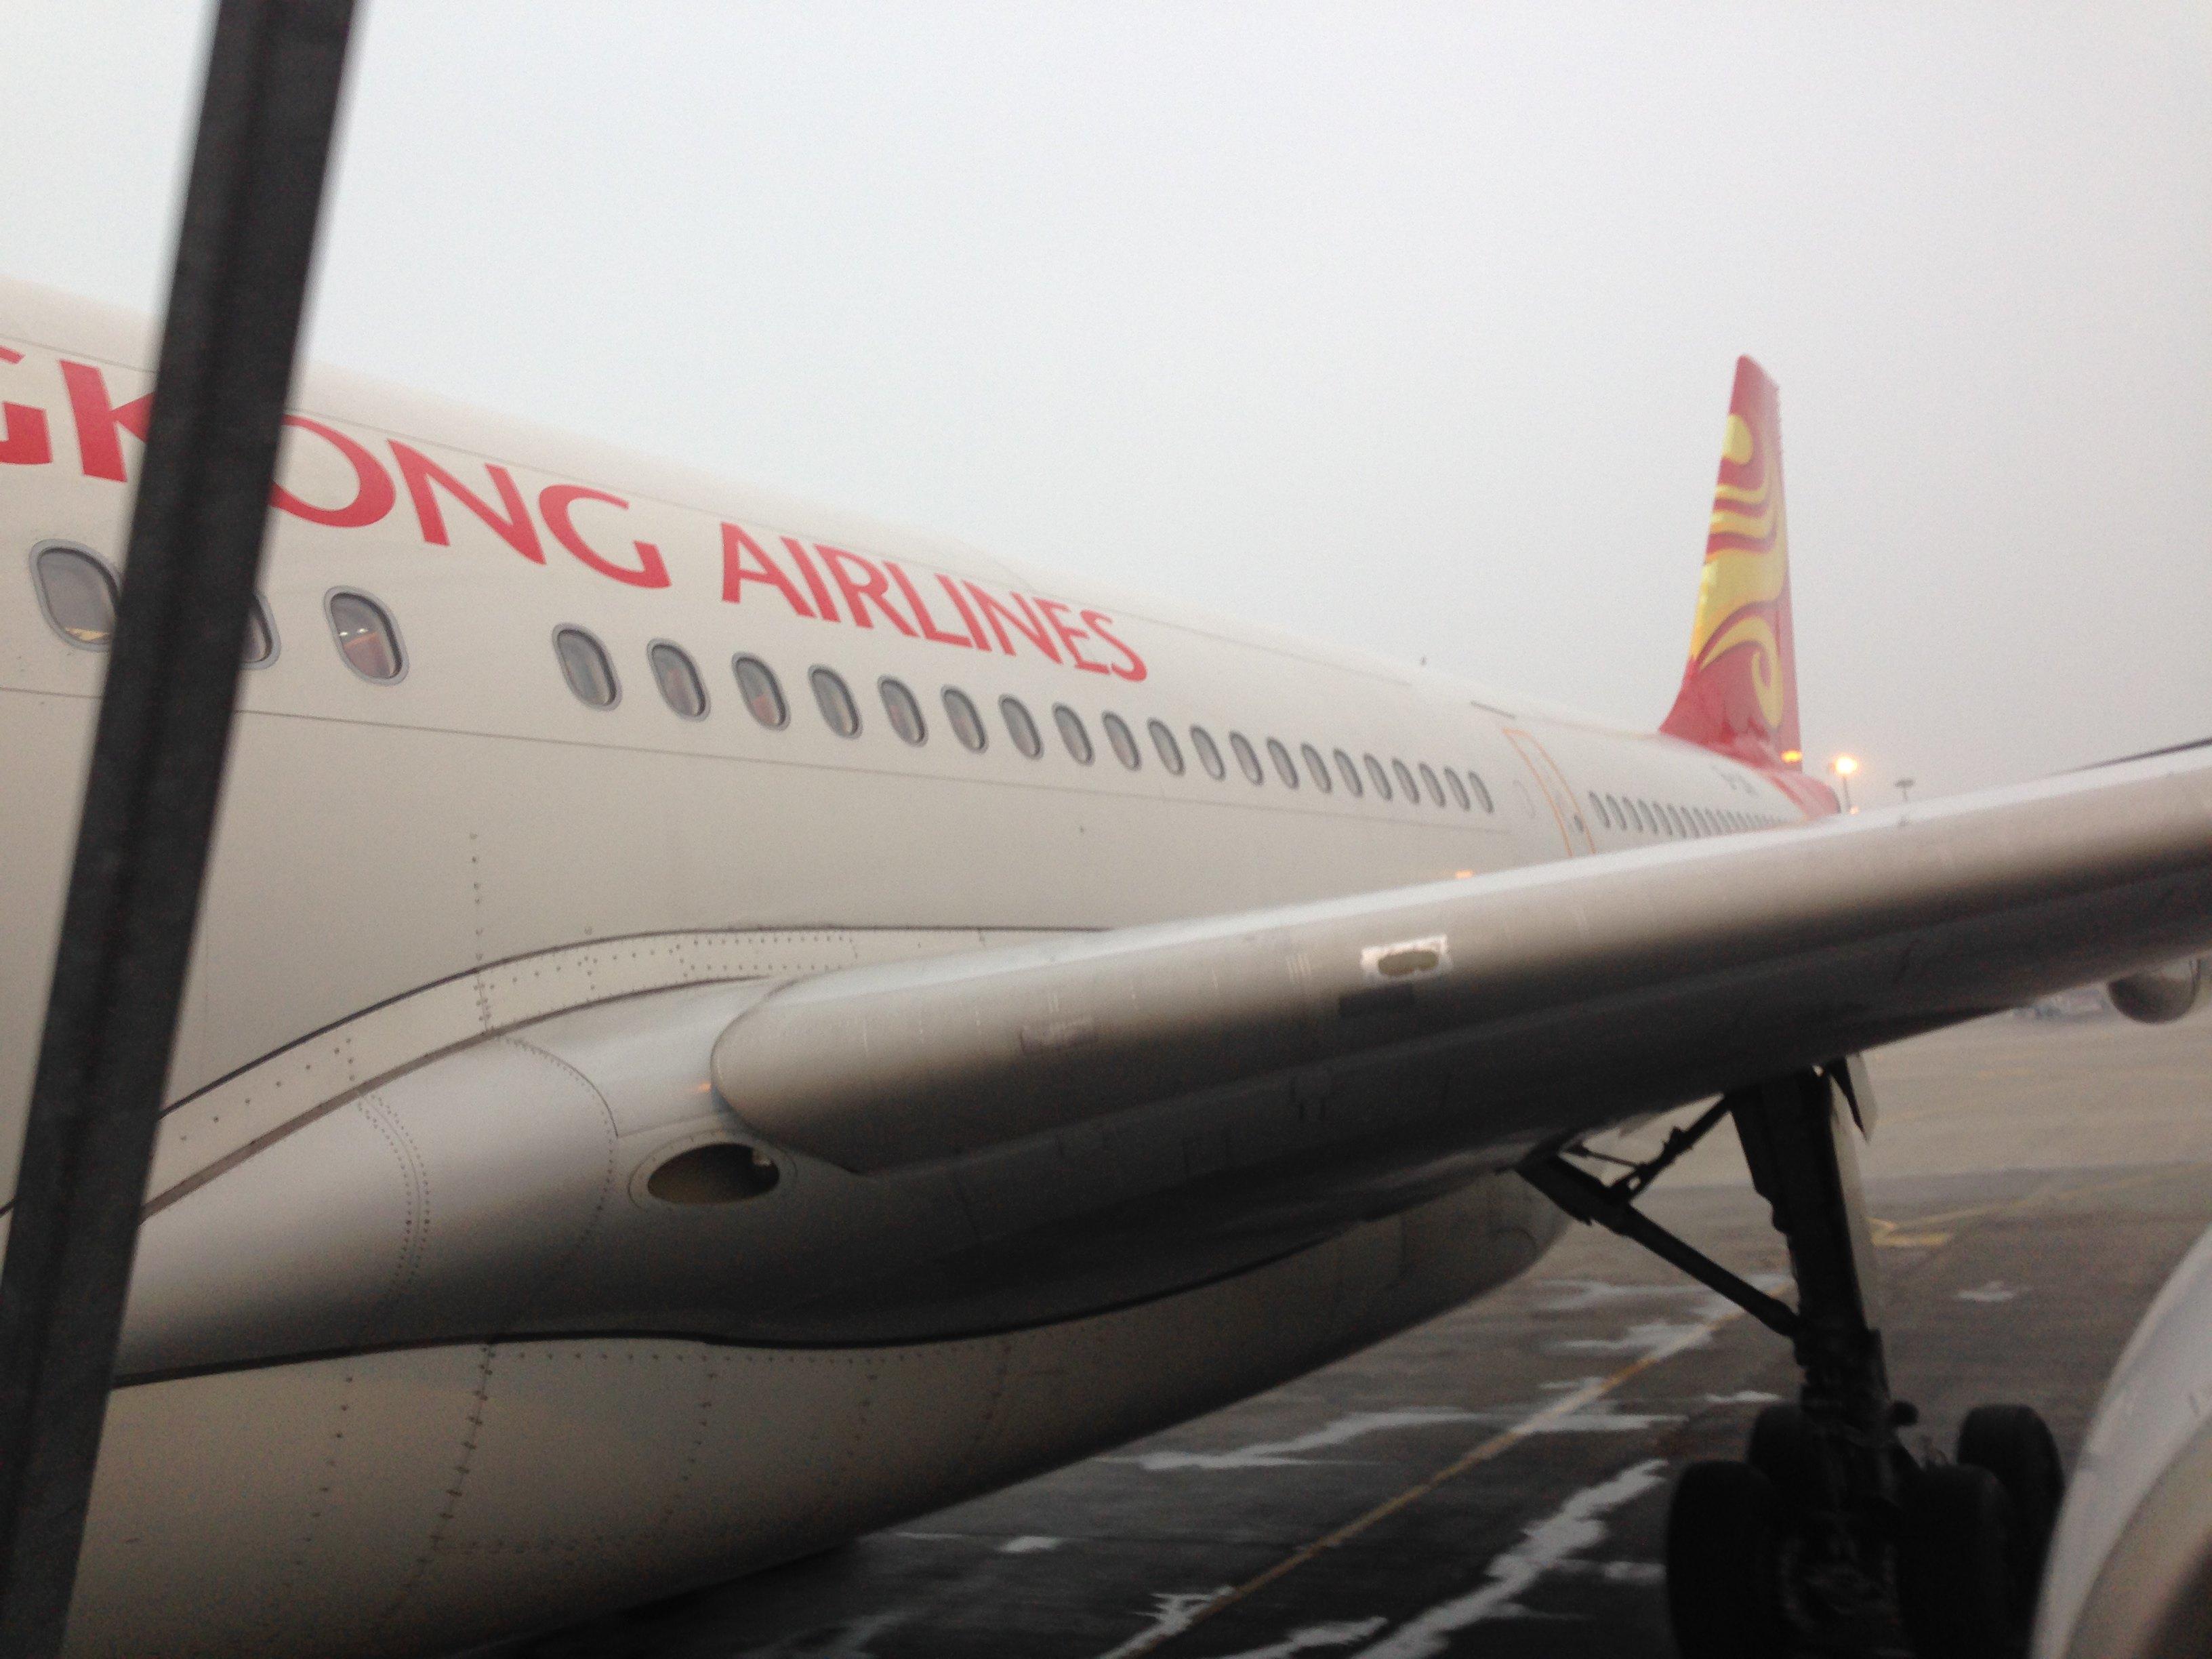 2/16-23北京-香港-日本飞机大逃亡(飞机